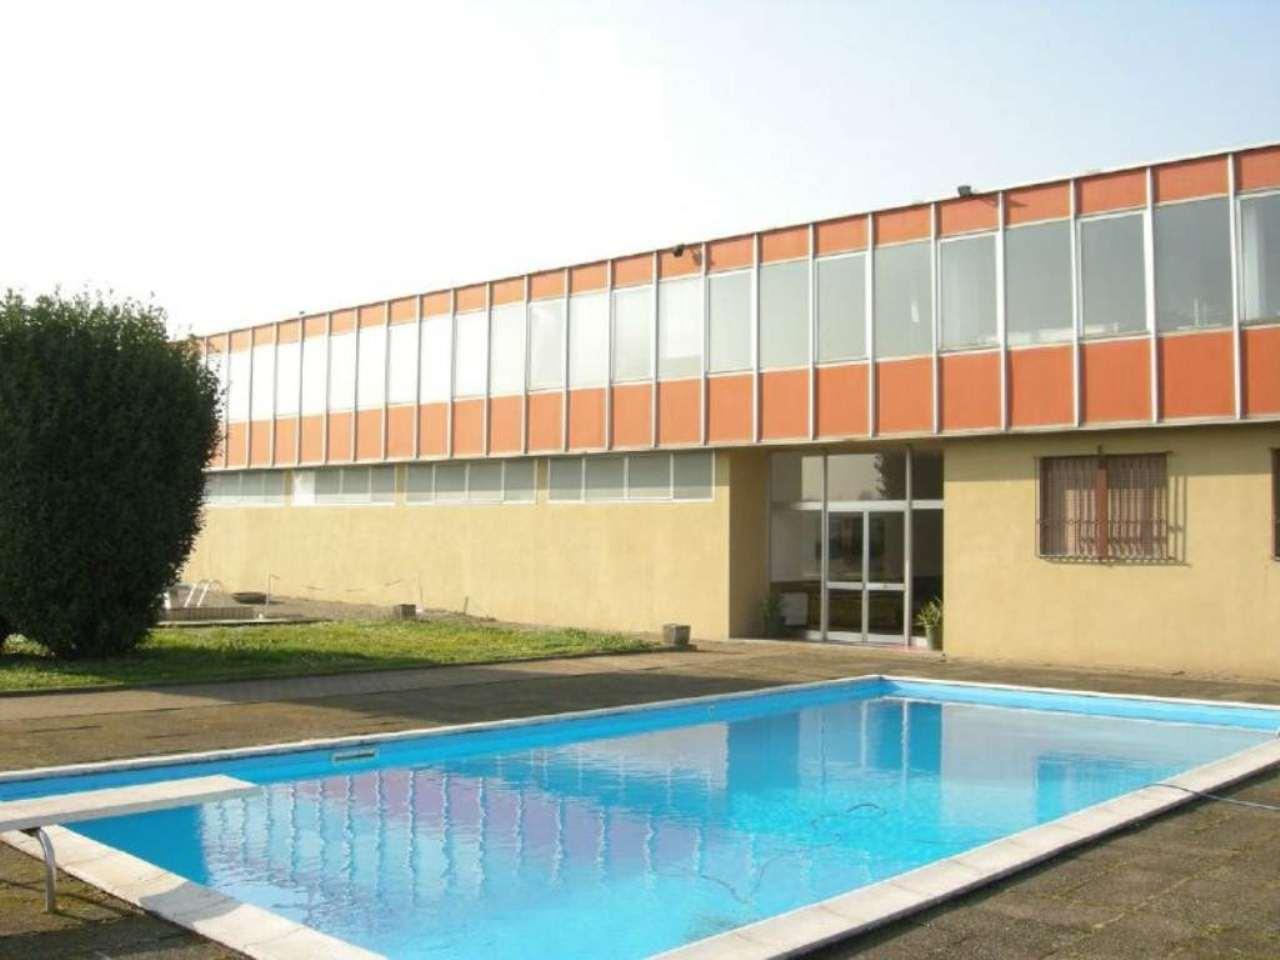 Capannone in vendita a Cassina de' Pecchi, 9999 locali, Trattative riservate | CambioCasa.it